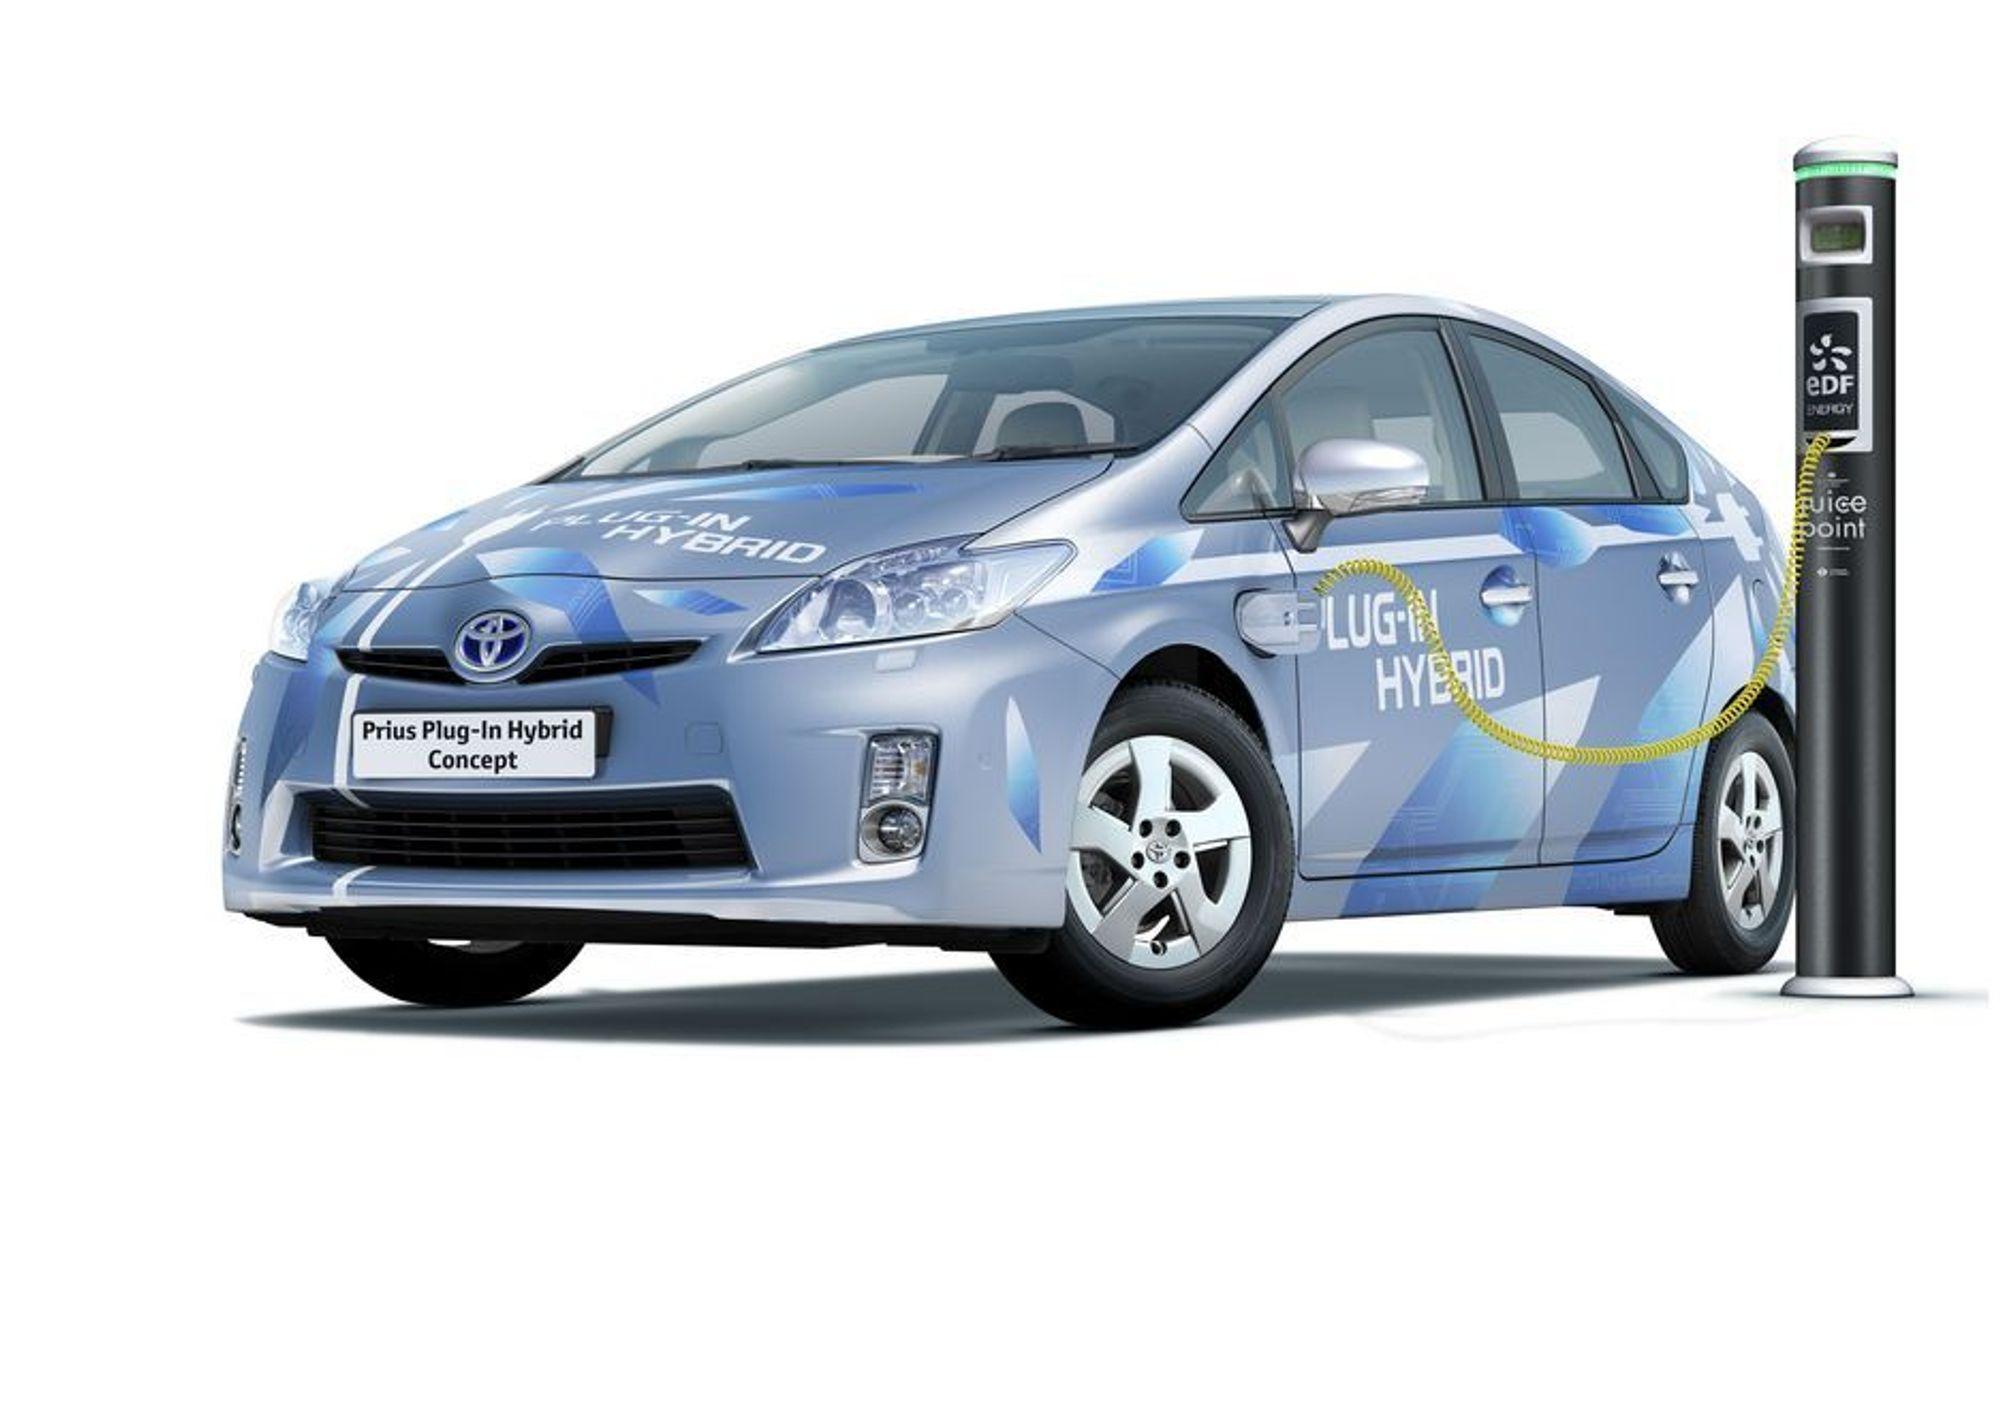 KREVER SJELDENHETER: Hybridbiler som Toyota Prius trenger sjeldne jordarter i batteriene og motoren. Også vindmøller og annen miljøteknologi trenger disse jordartene. Nå har japanske forskere kartlagt funn under Stillehavet. Japan håper å kunne forsyne seg selv og utfordre Kinas dominanse innen produksjon av disse jordartene.